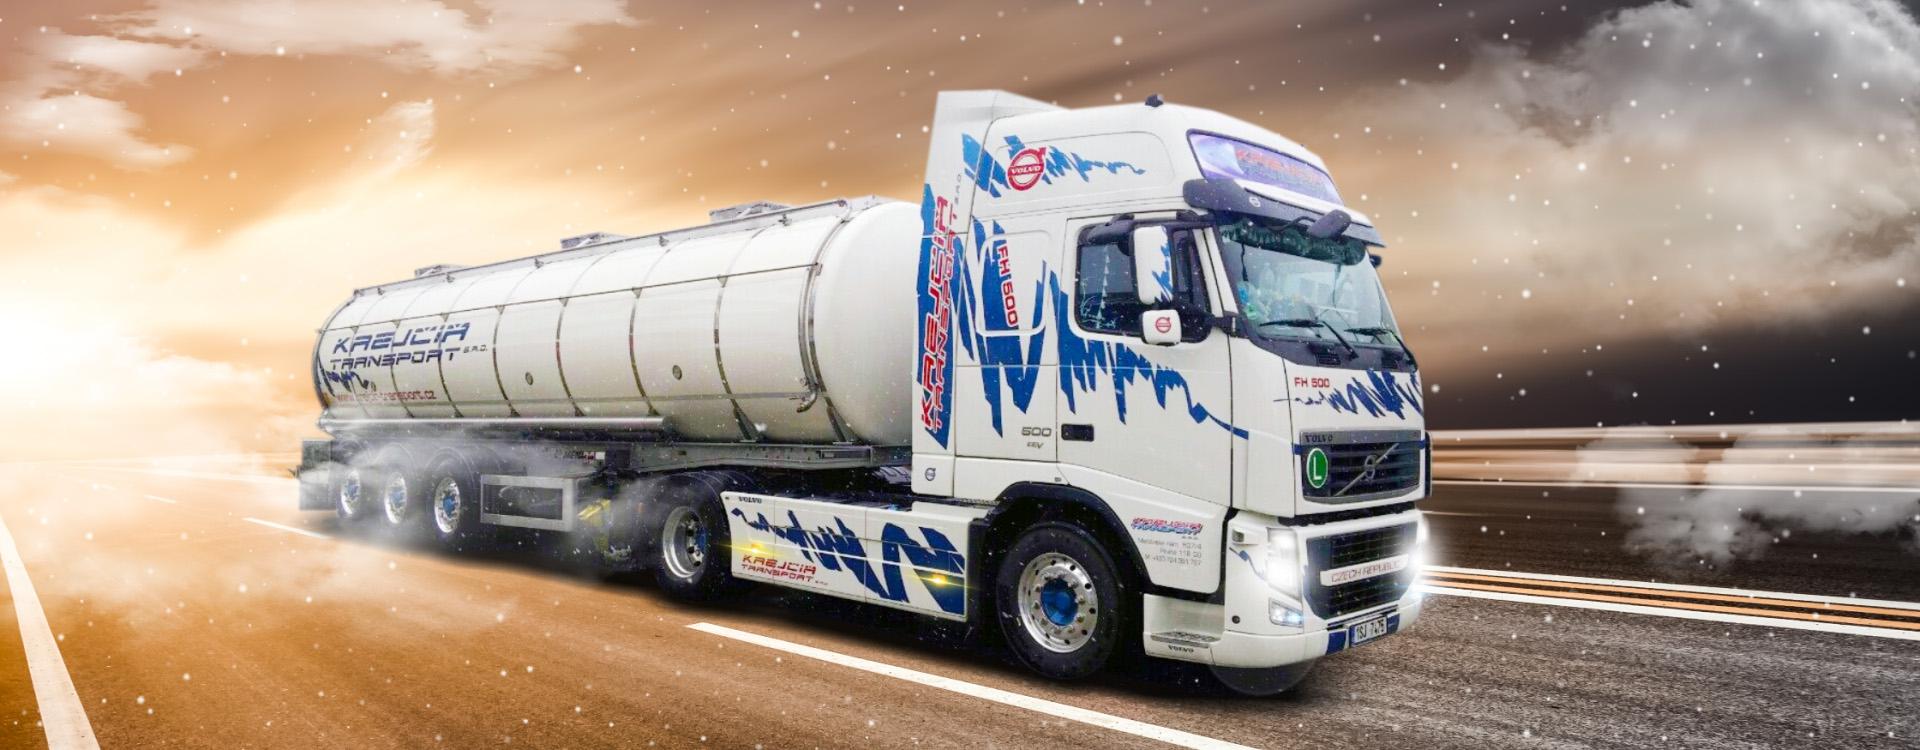 Cisternová přeprava potravin a tekutého nákladu v rámci celé EU, přeprava zásilek